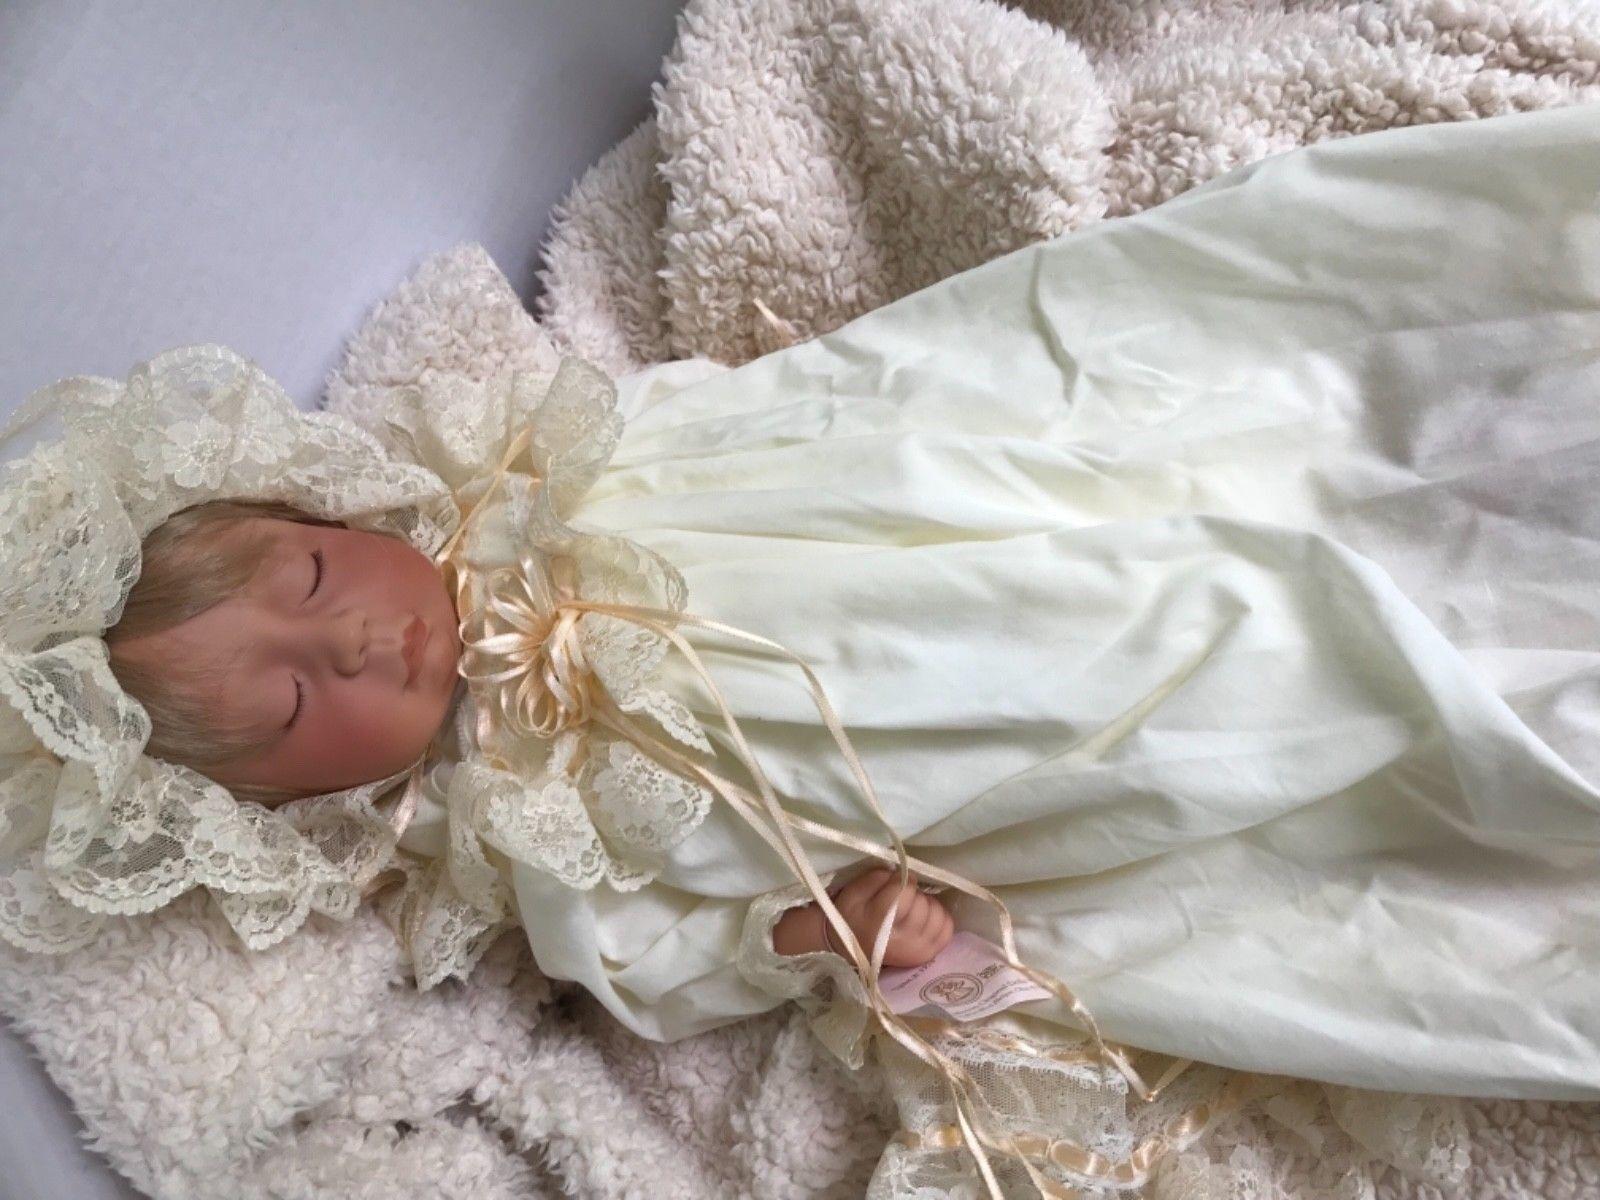 Lee Middleton Bebé Muñeca Whisper 21  con caja y certificado de autenticidad (AA)